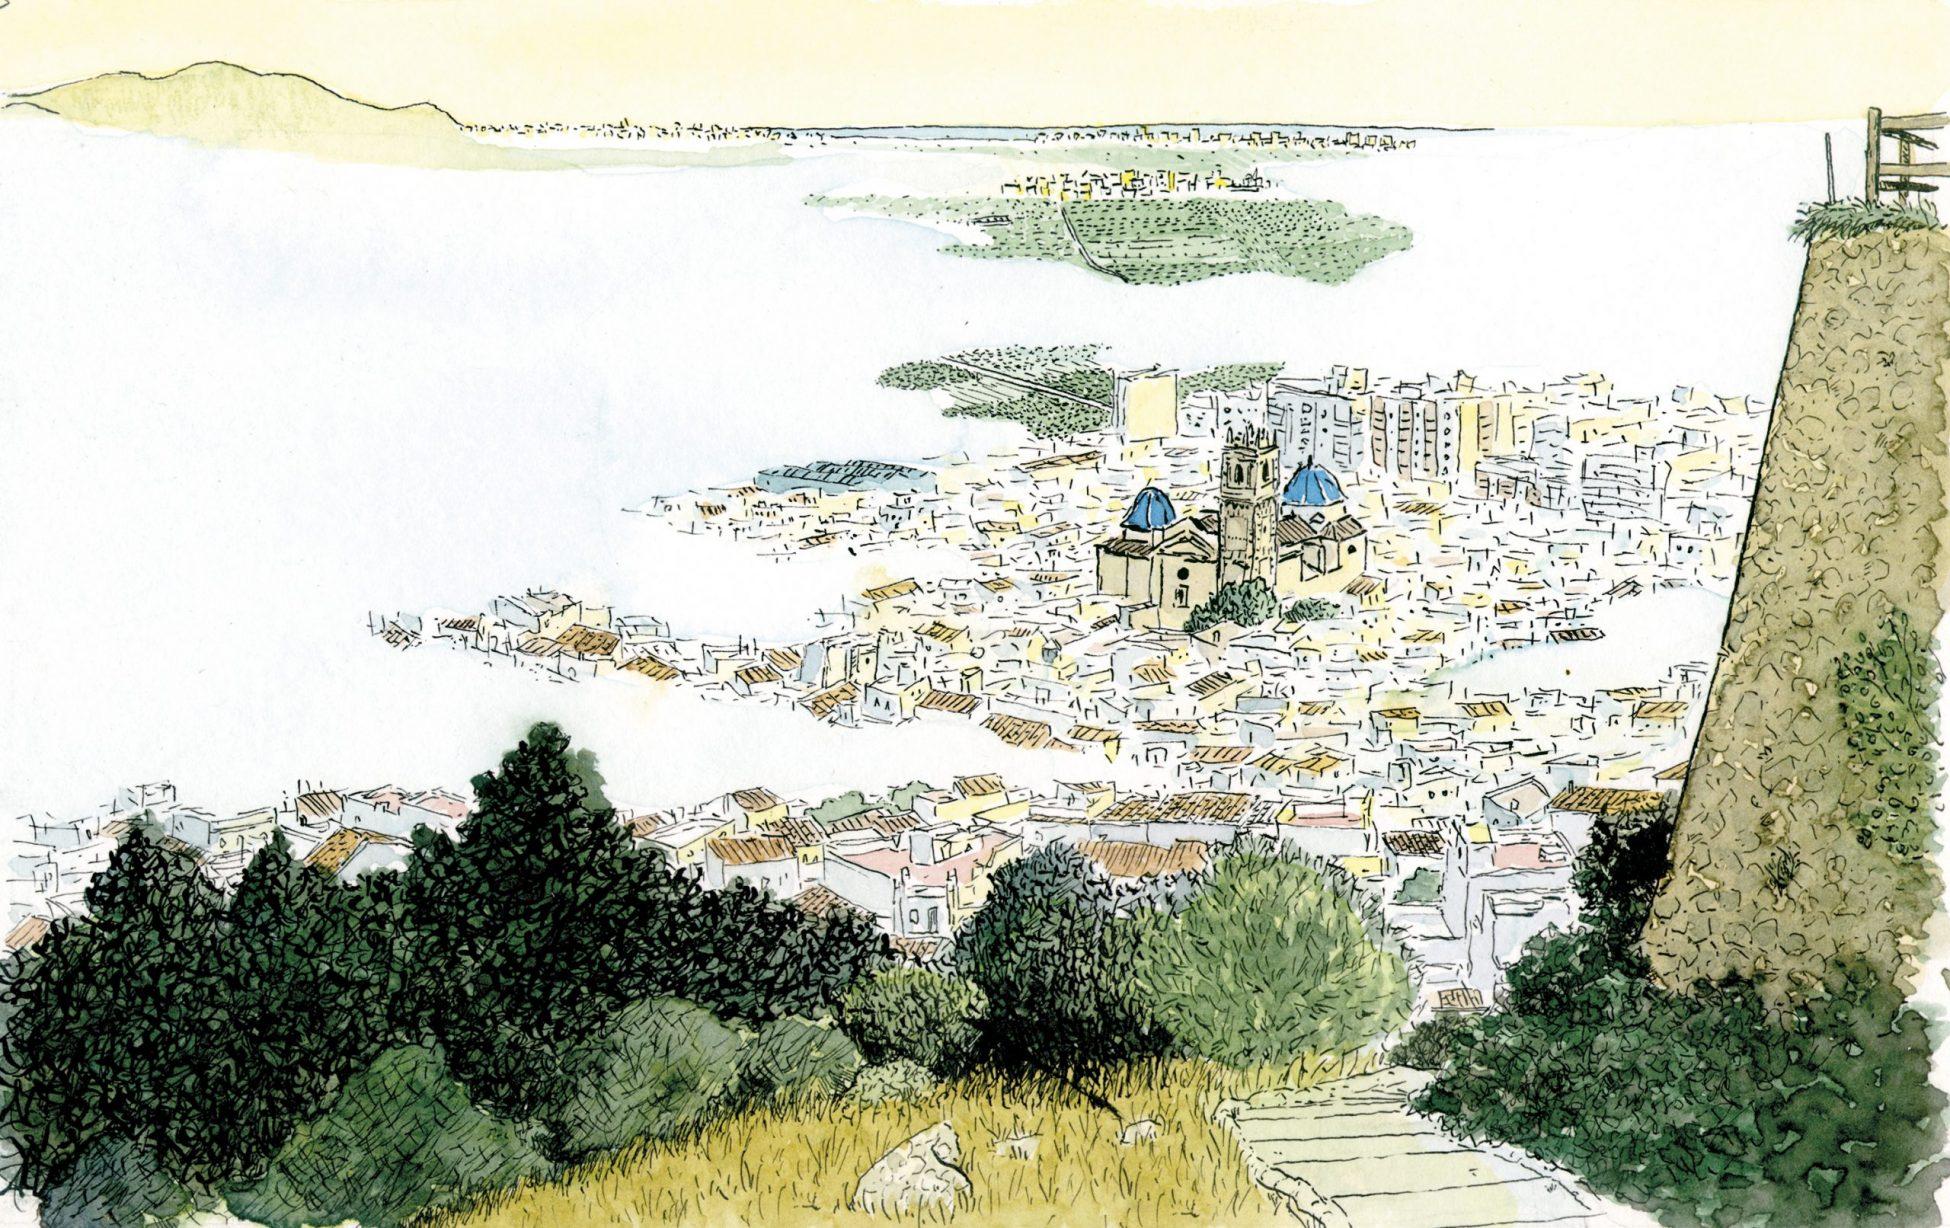 Cuadro para enmarcar con una dibujo del municipio de Oliva (Valencia) despertando entre niebla